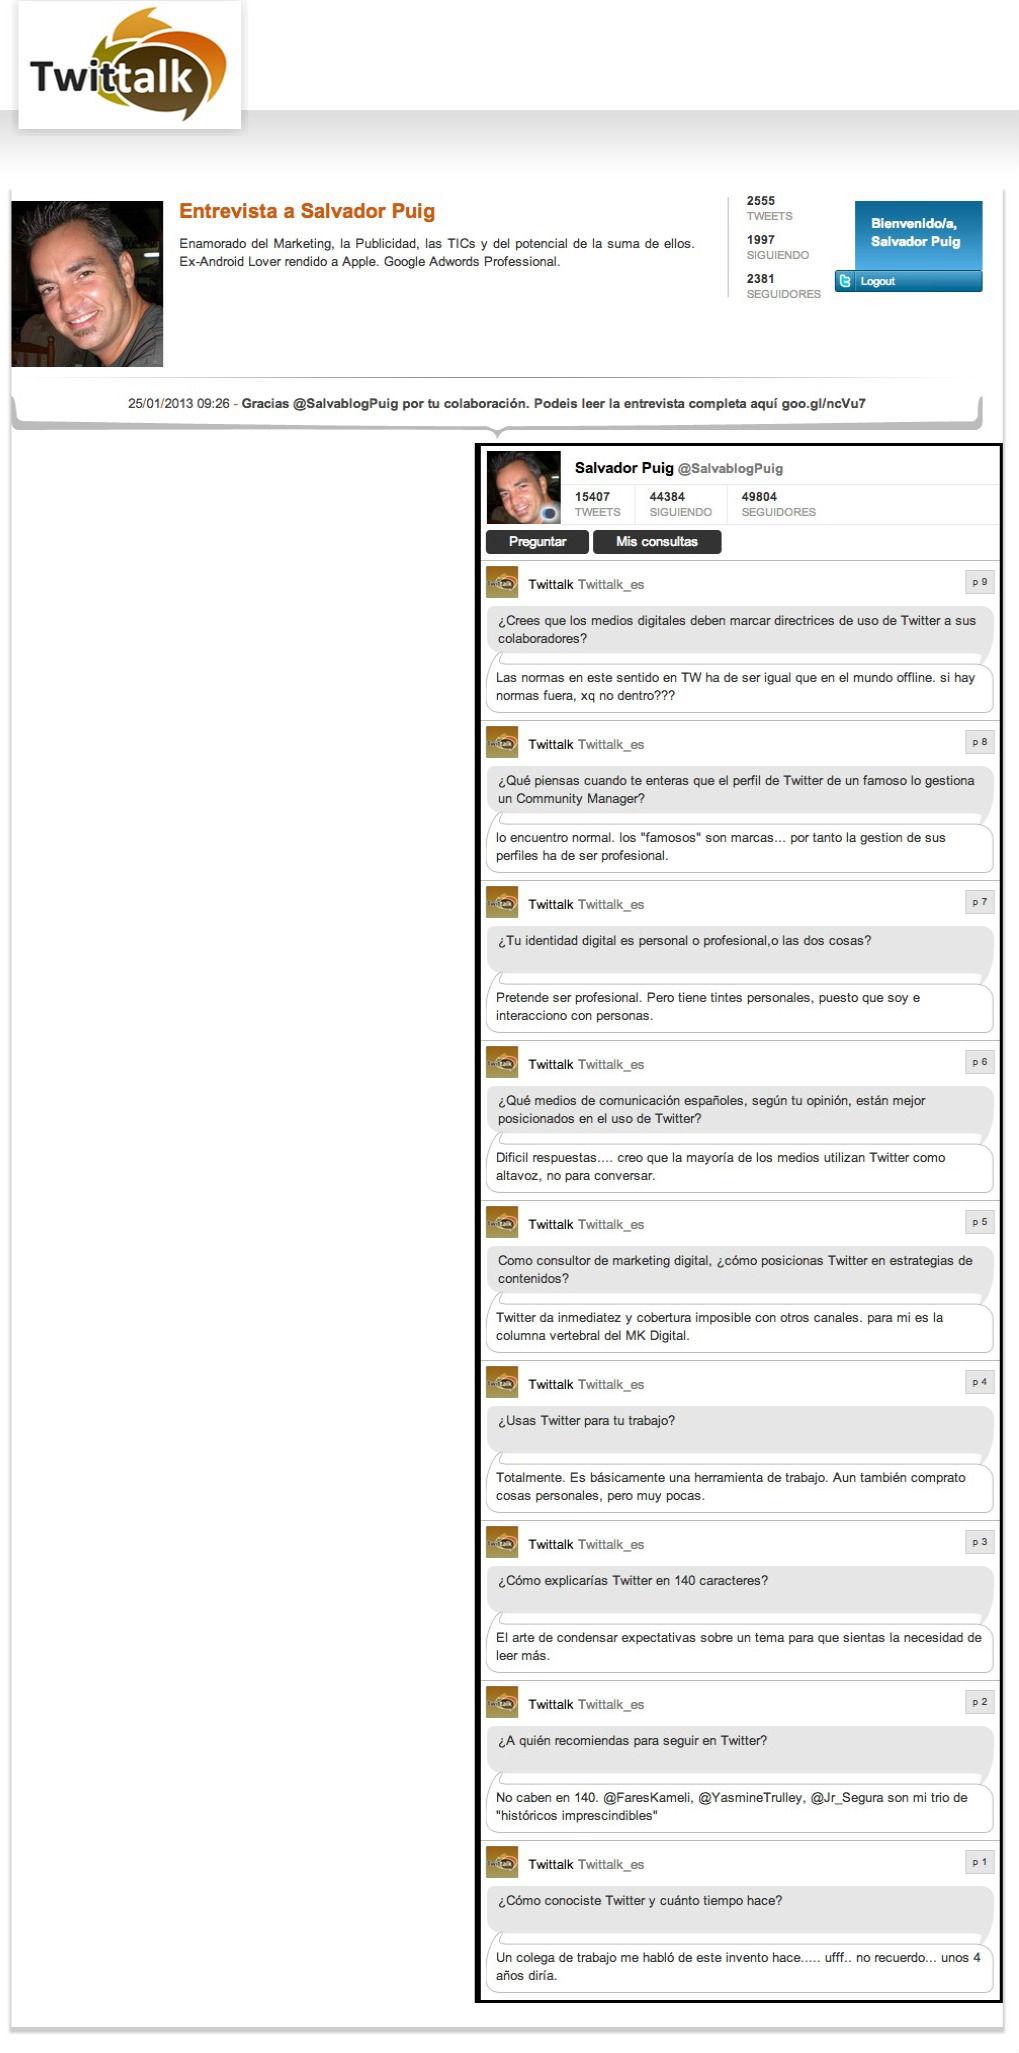 Entrevista Twittalk Salvador Puig